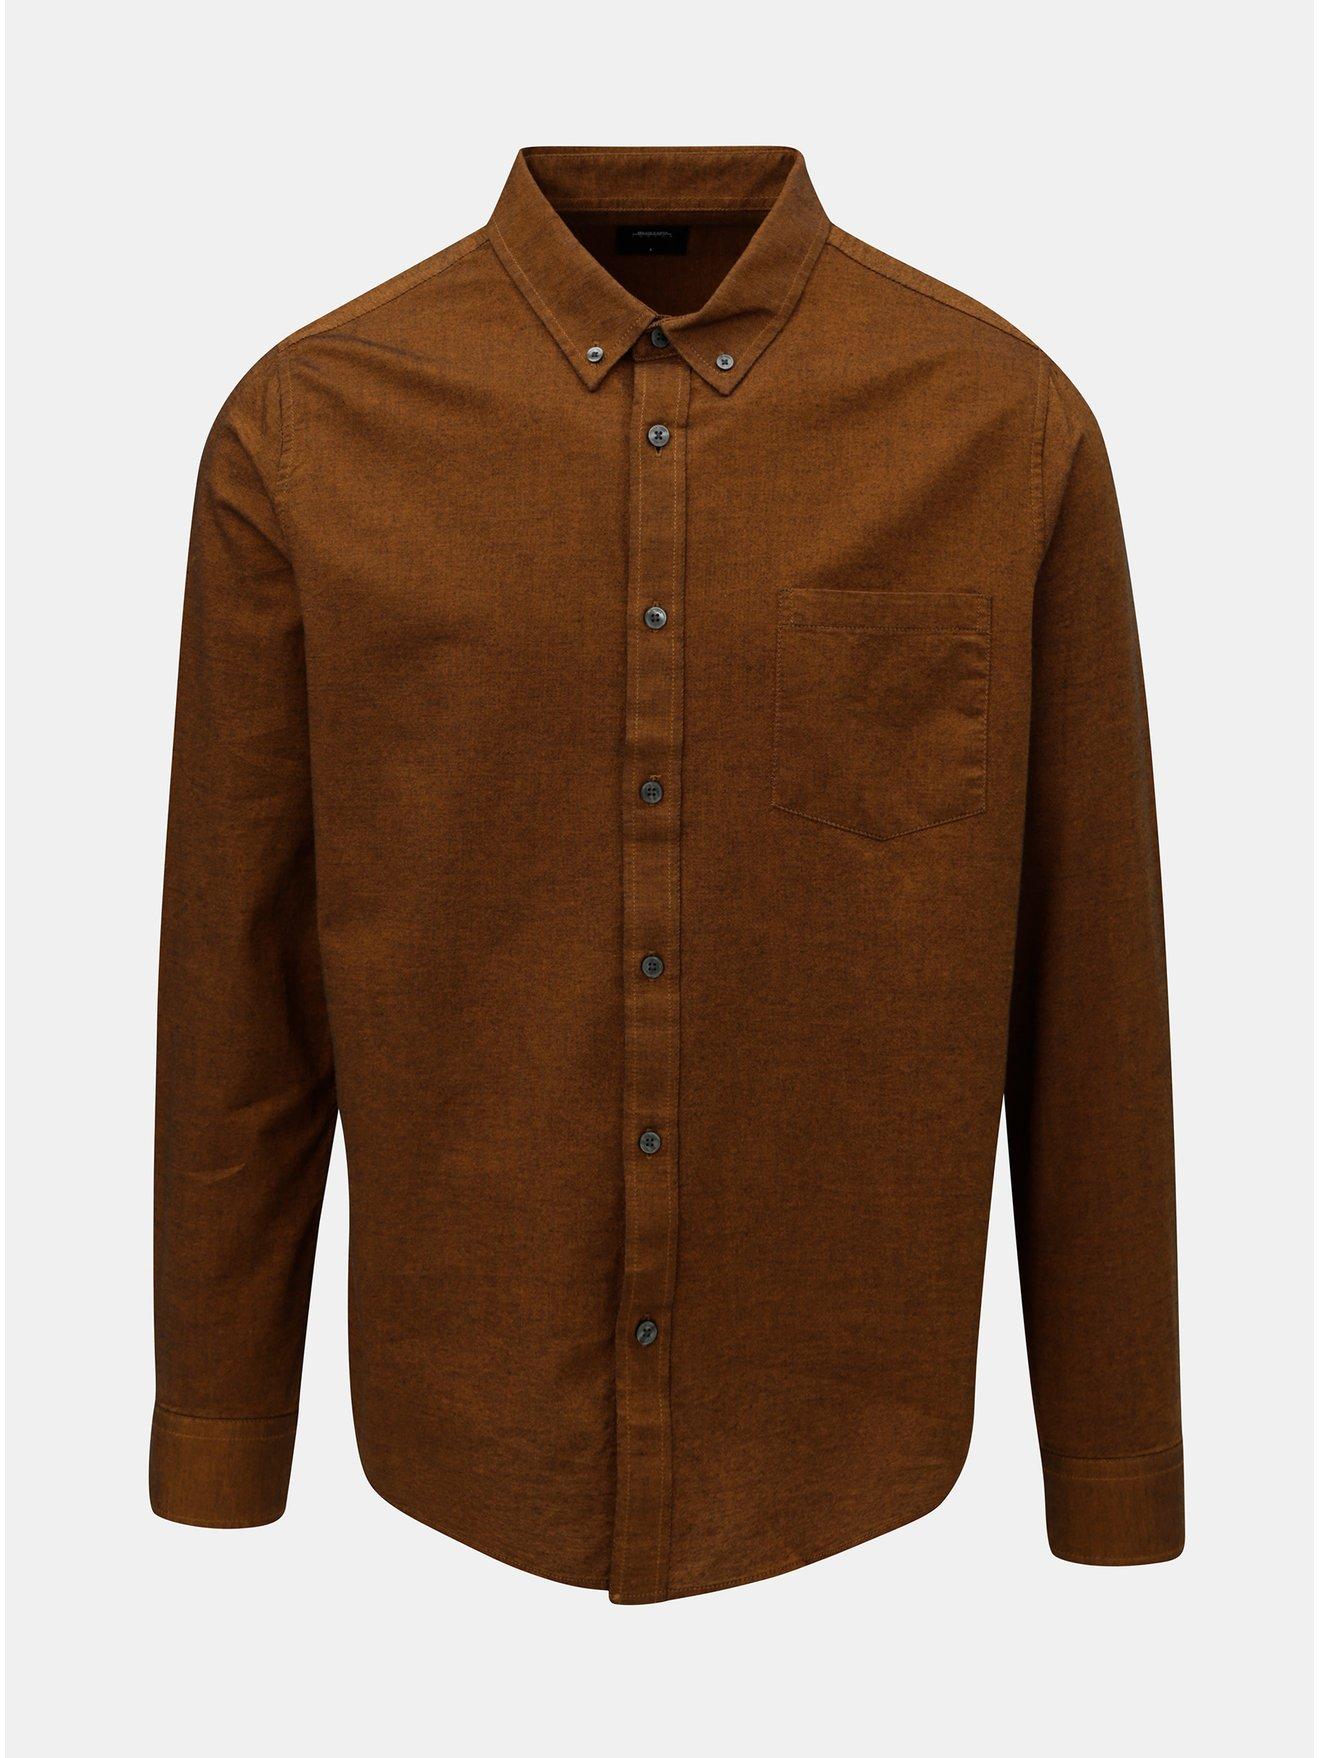 Fotografie Hnědá pánská košile s náprsní kapsou Burton Menswear London Rust Oxford